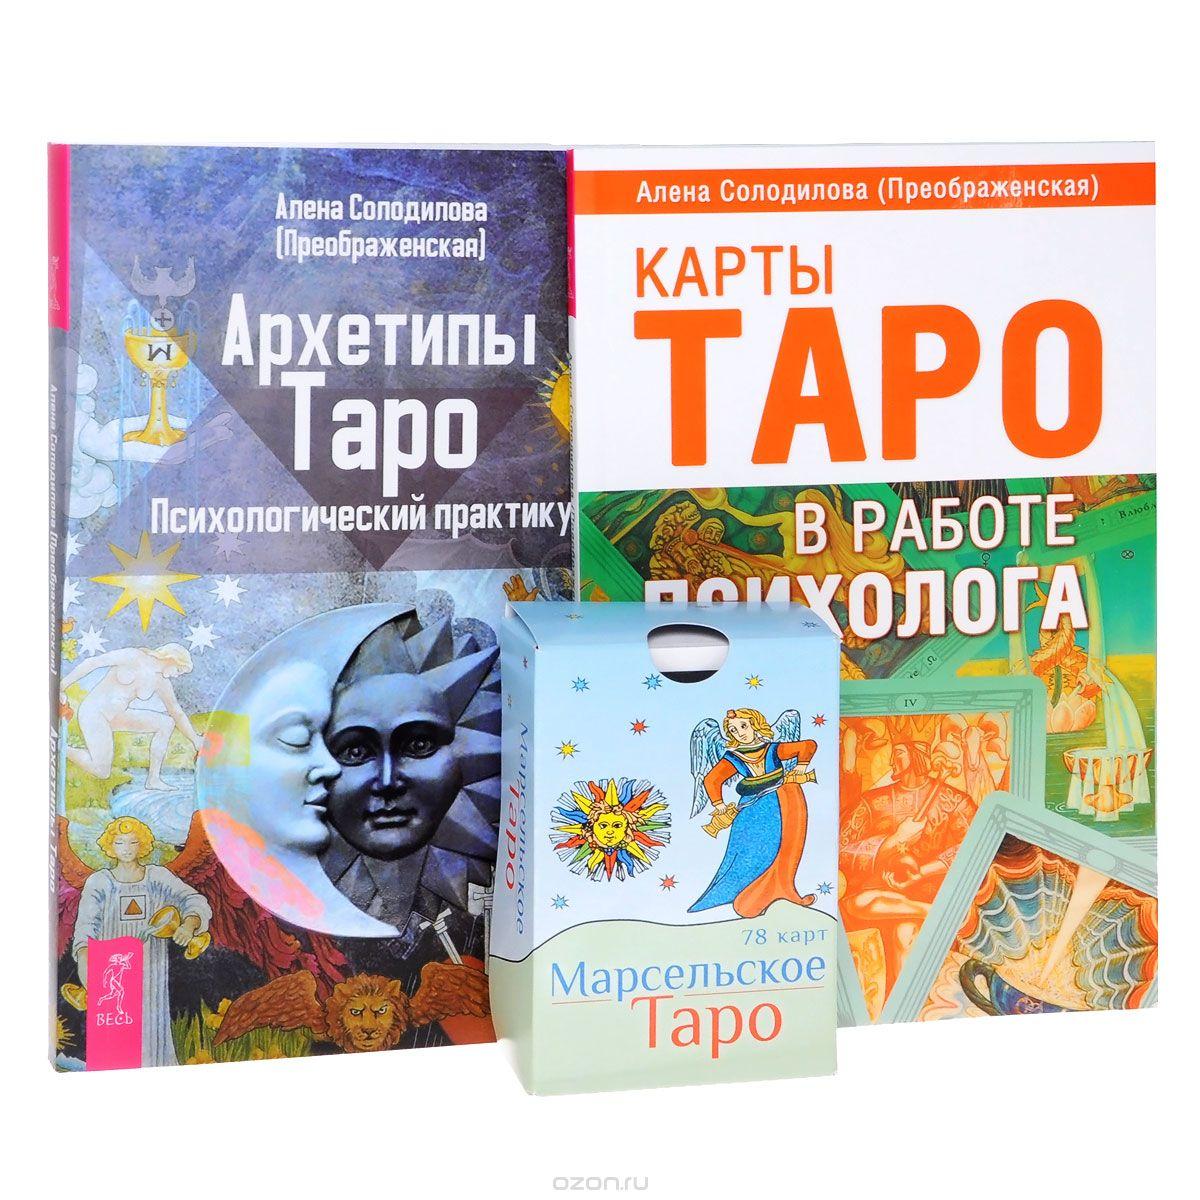 Алена Солодилова (Преображенская): Архетипы Таро. Карты Таро в работе психолога (комплект из 2 книг + набор из 78 карт)